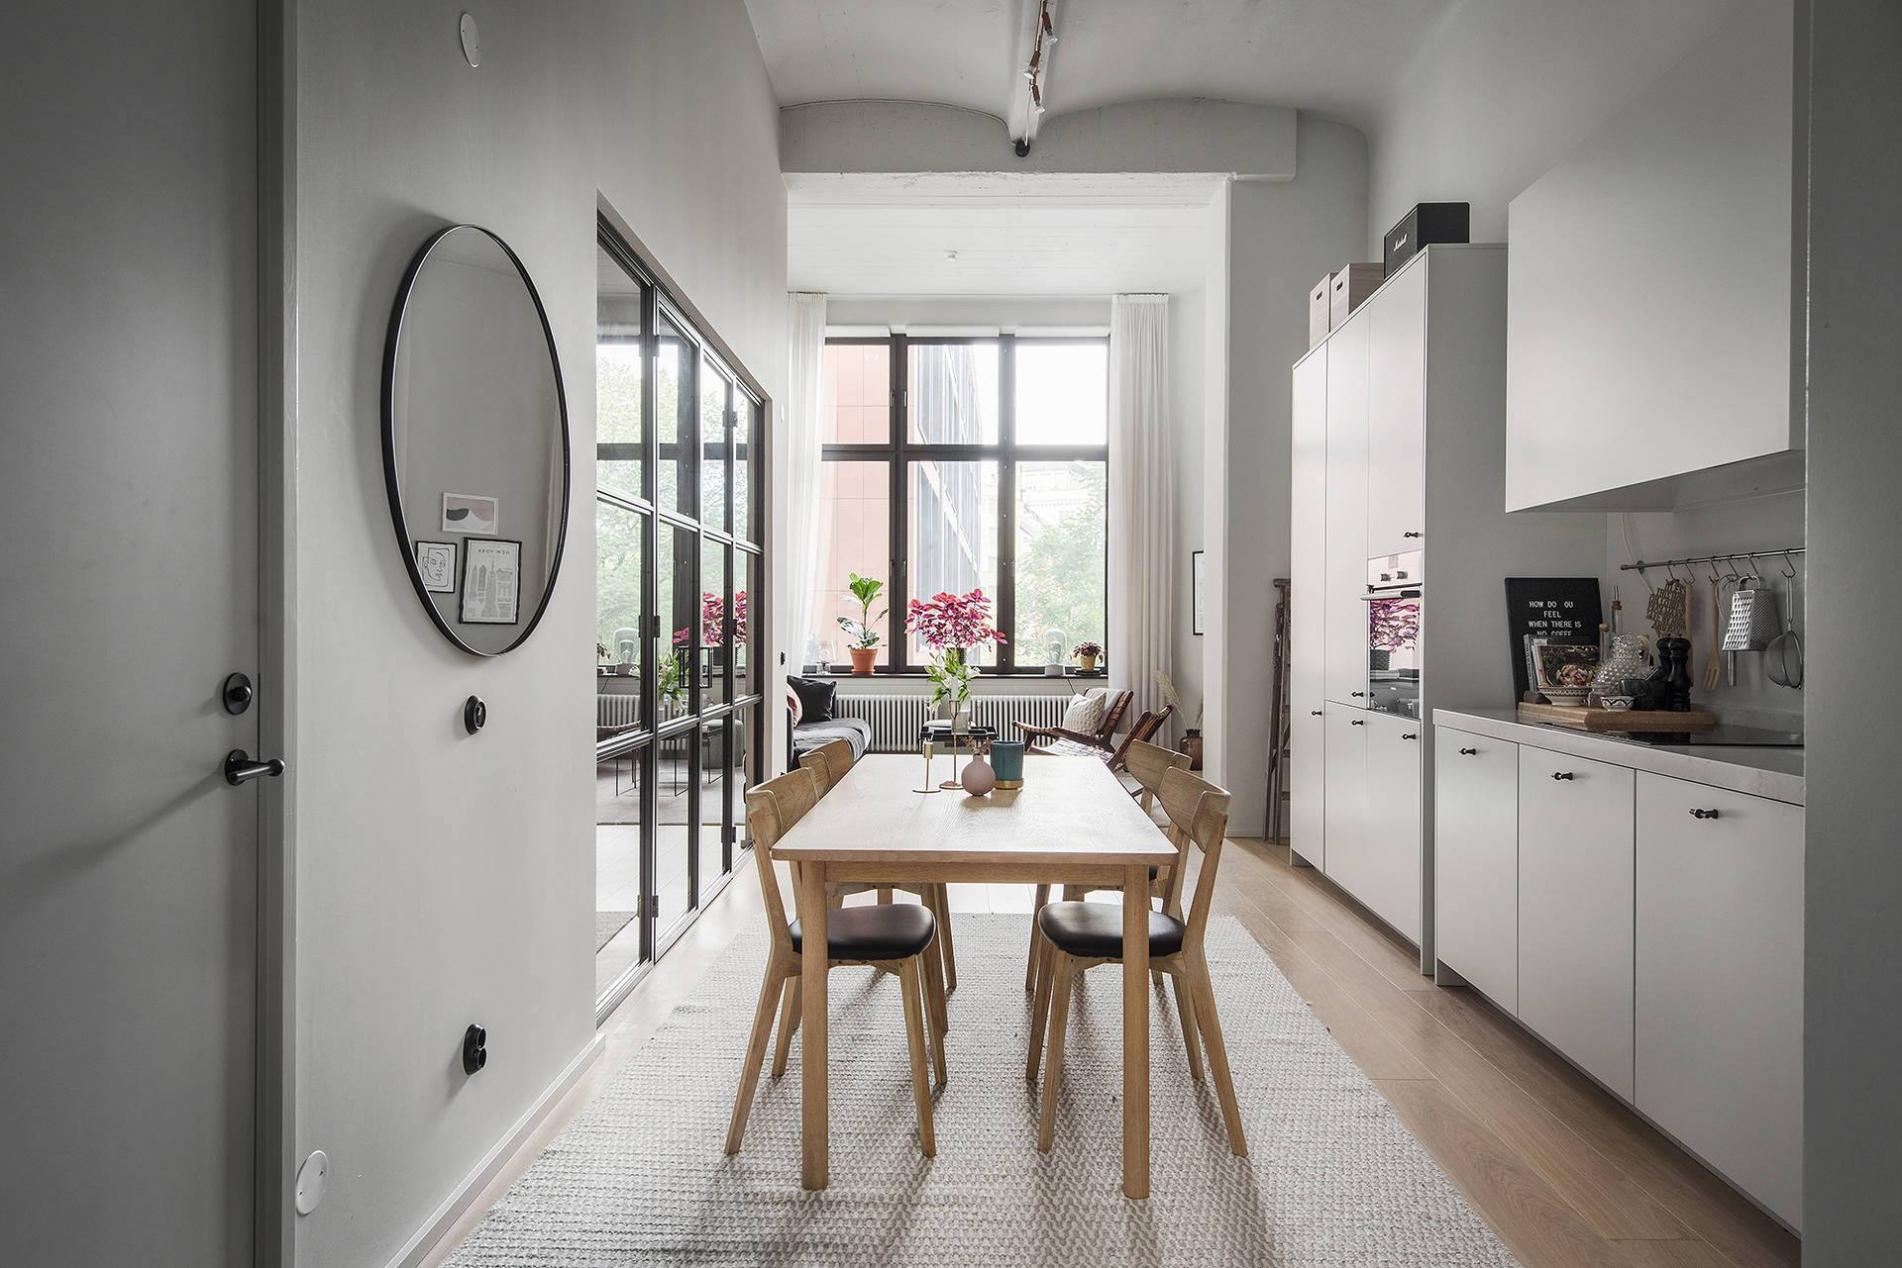 Thiết kế nội thất không gian bếp đơn giản, đẹp cho căn hộ chung cư 90m2